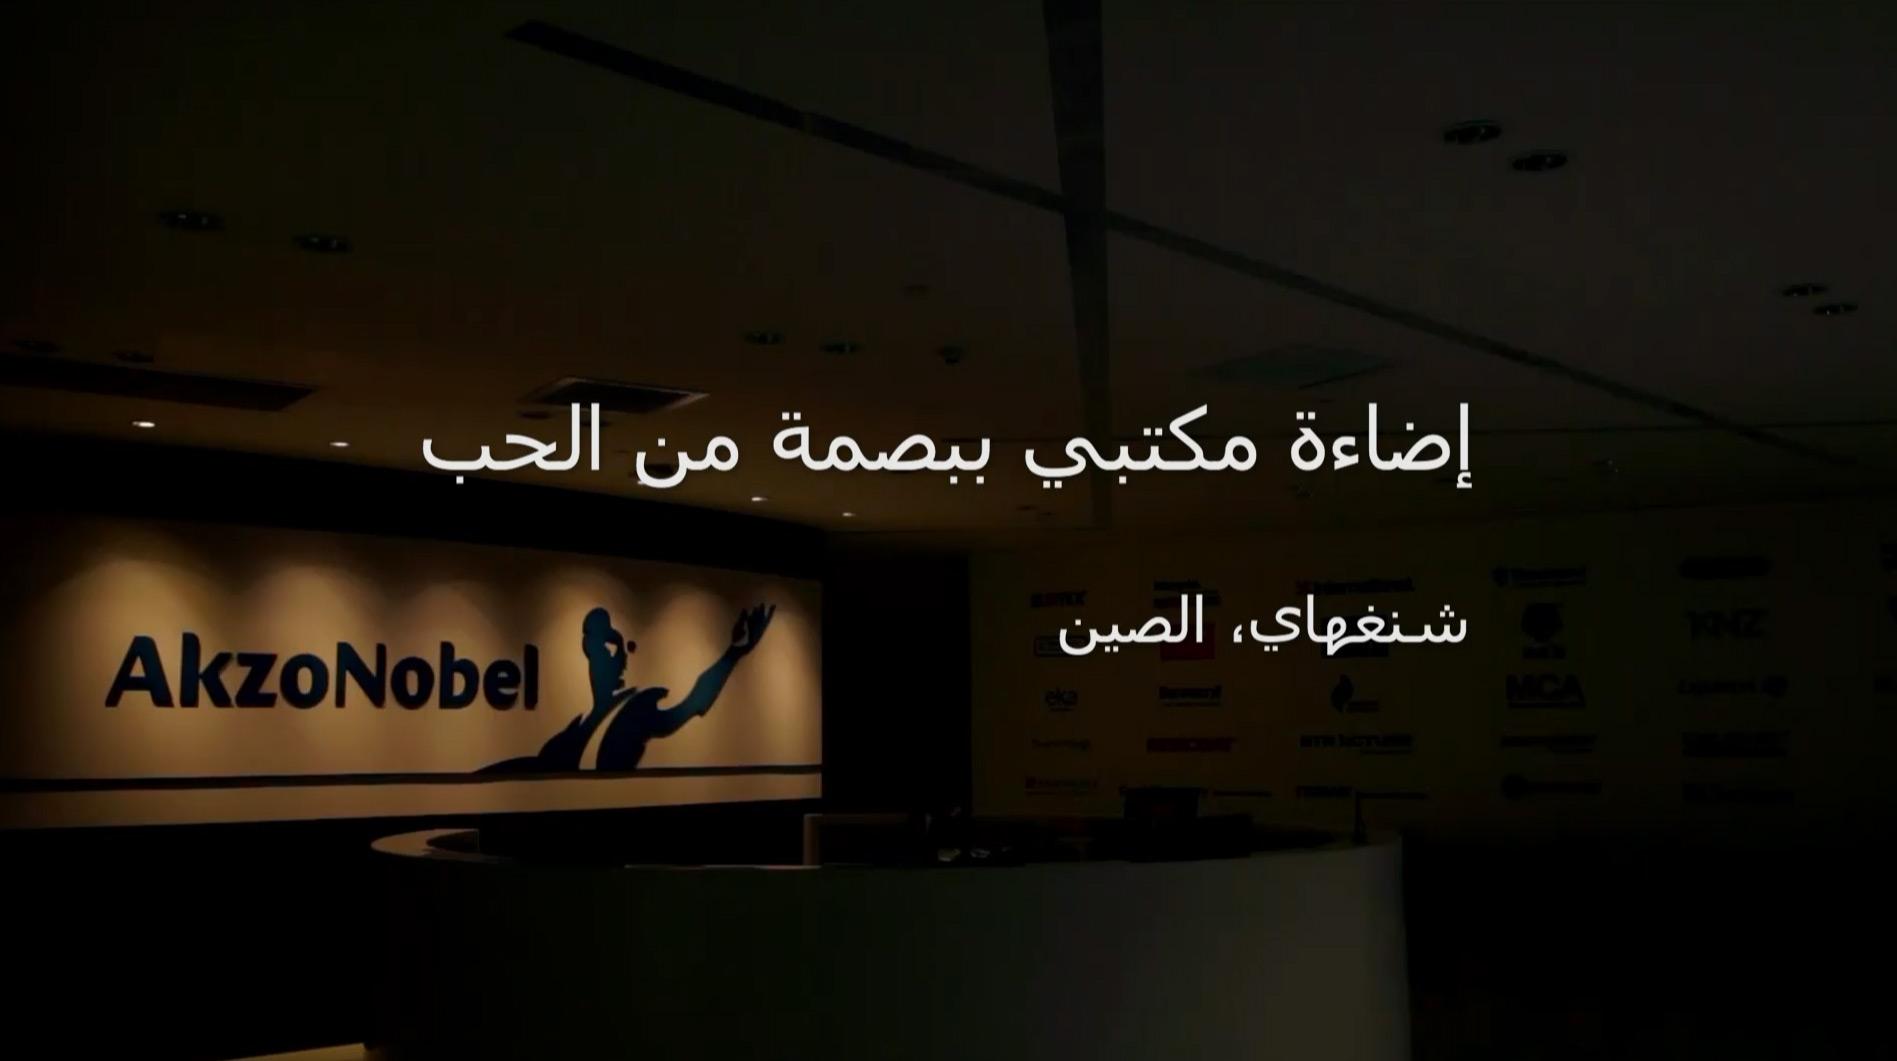 ARABIC SUBTITLES